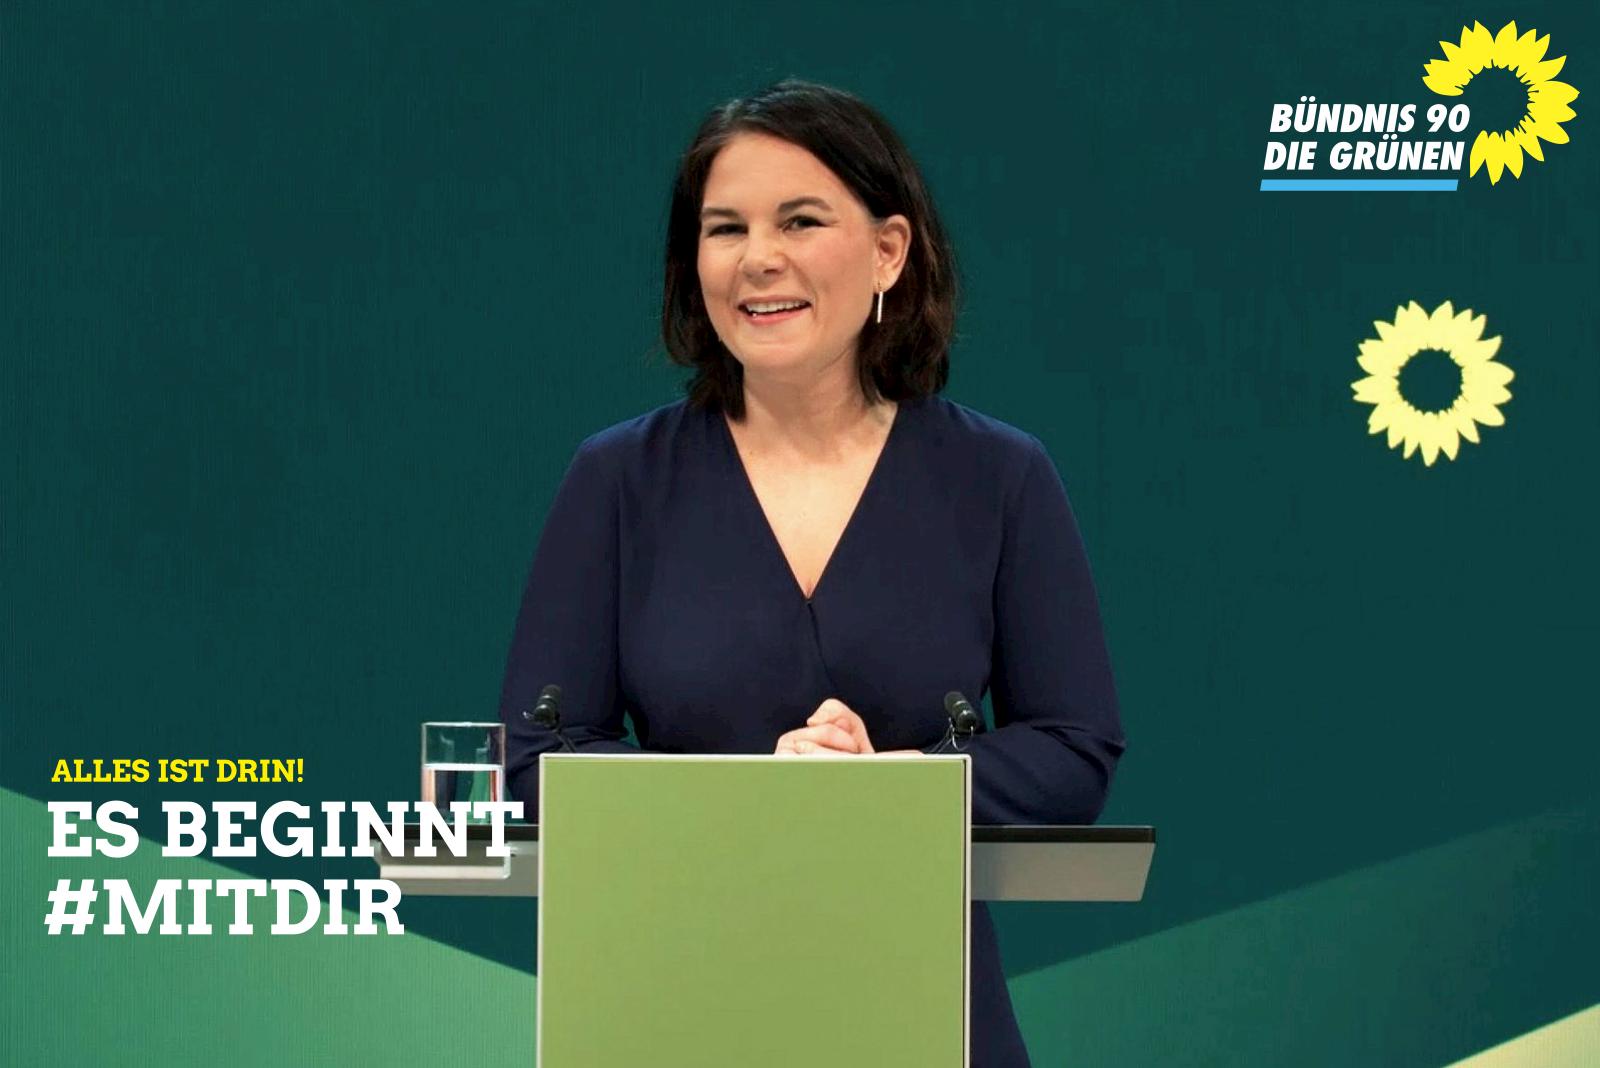 Die erste Grüne Kanzlerkandidatin.